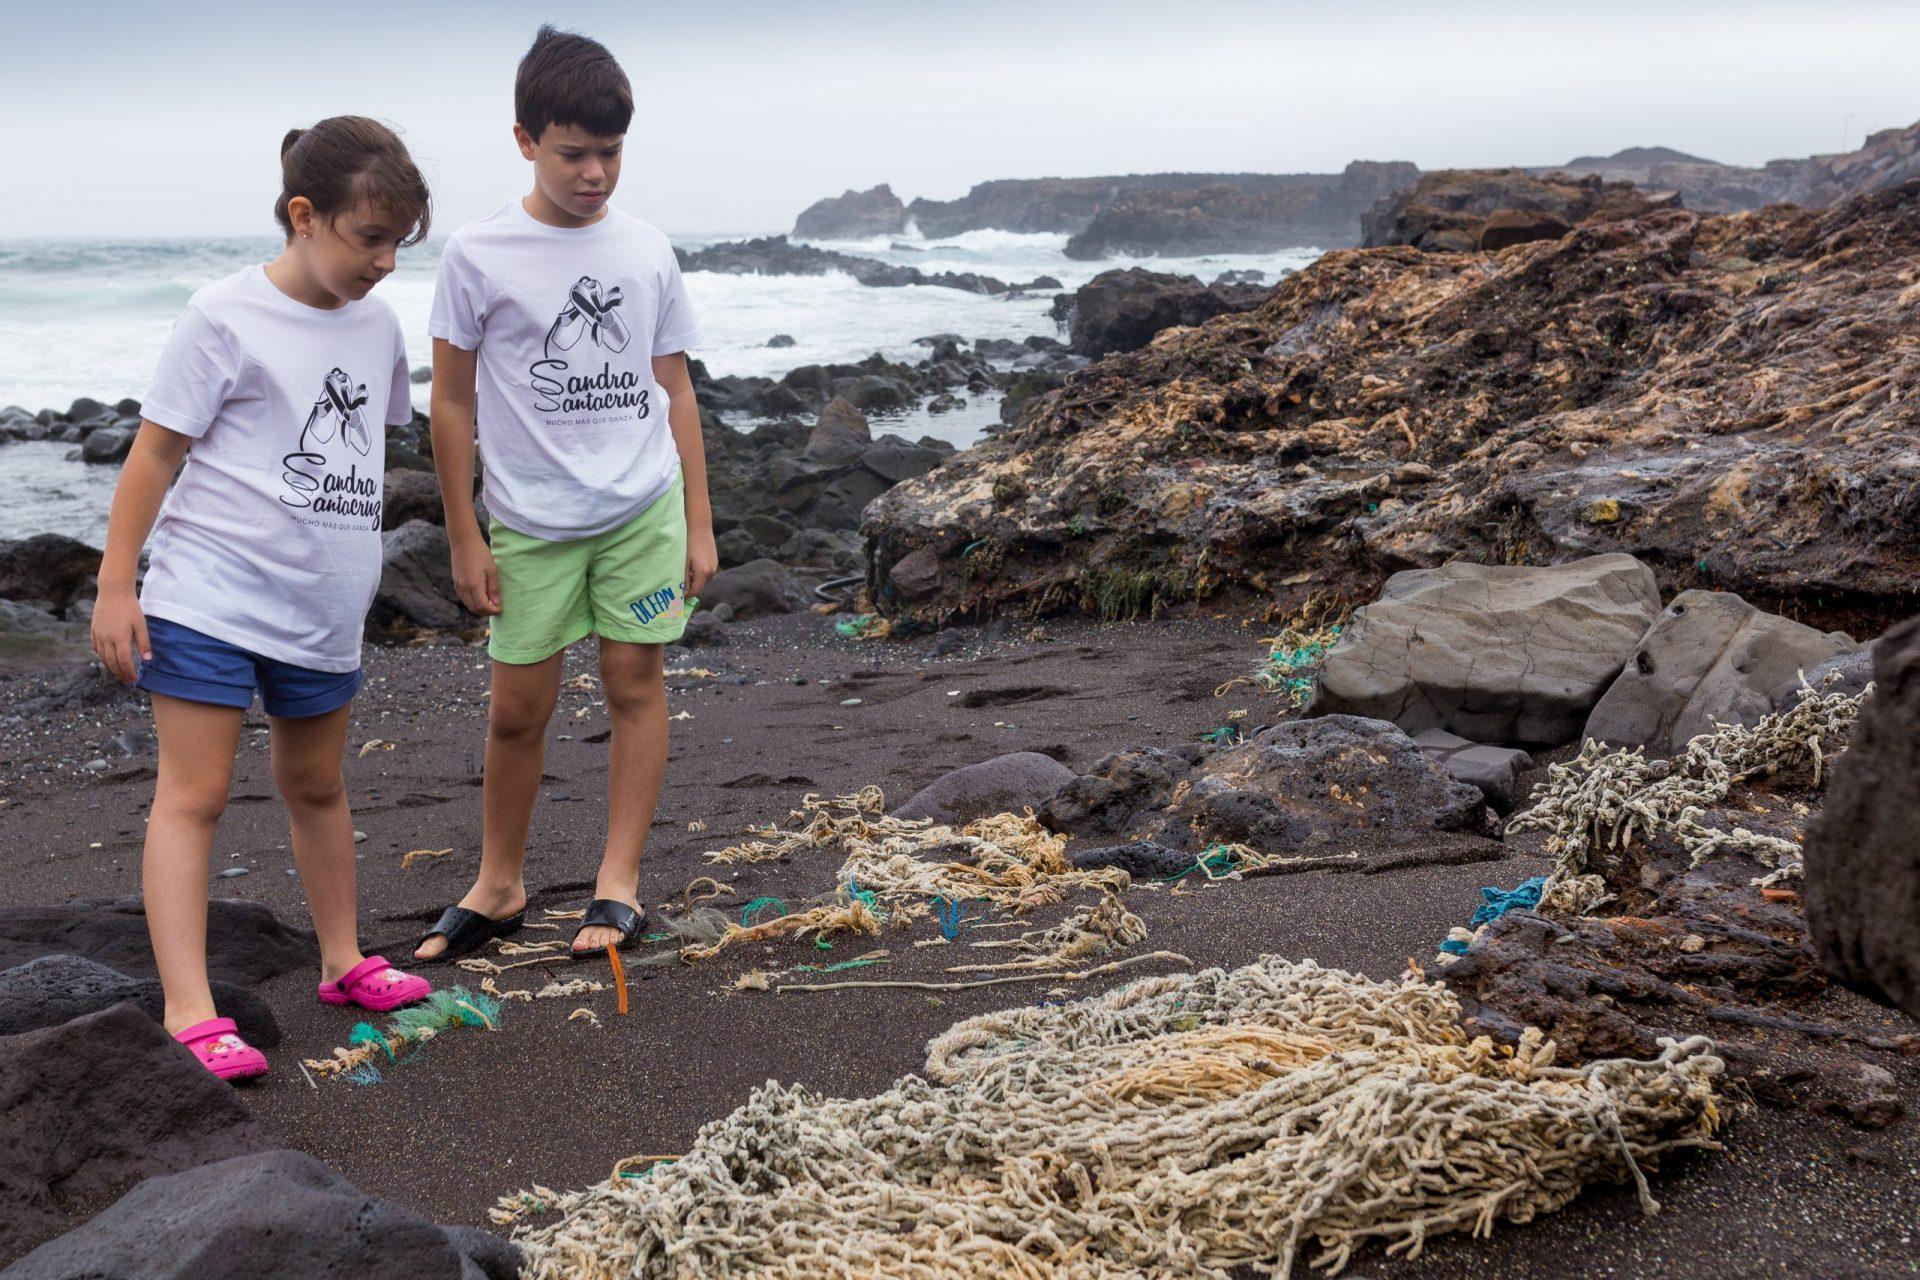 Sandra Santa Cruz, campaña de concienciación sobre la contaminación marina__MG_5195